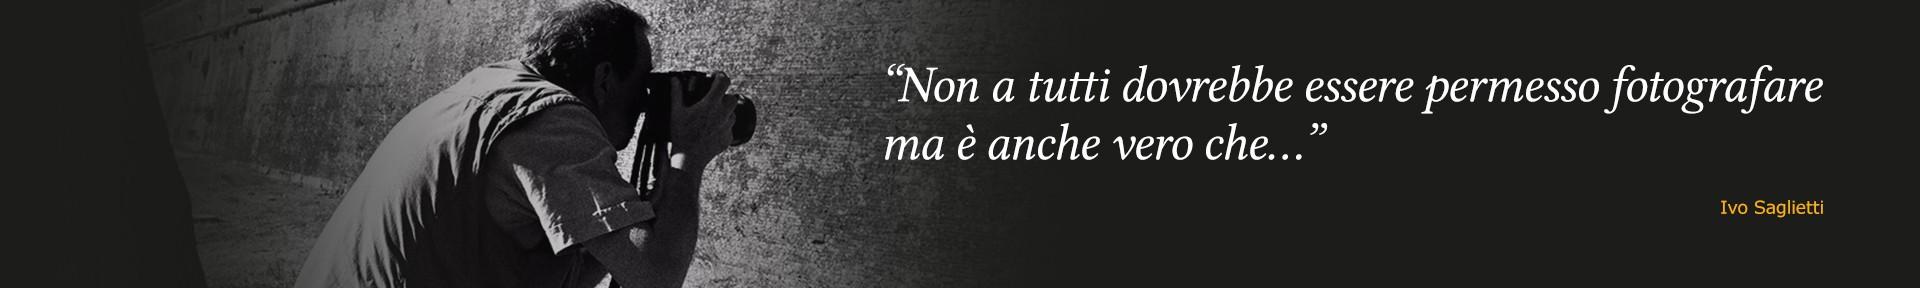 ivo_saglietti